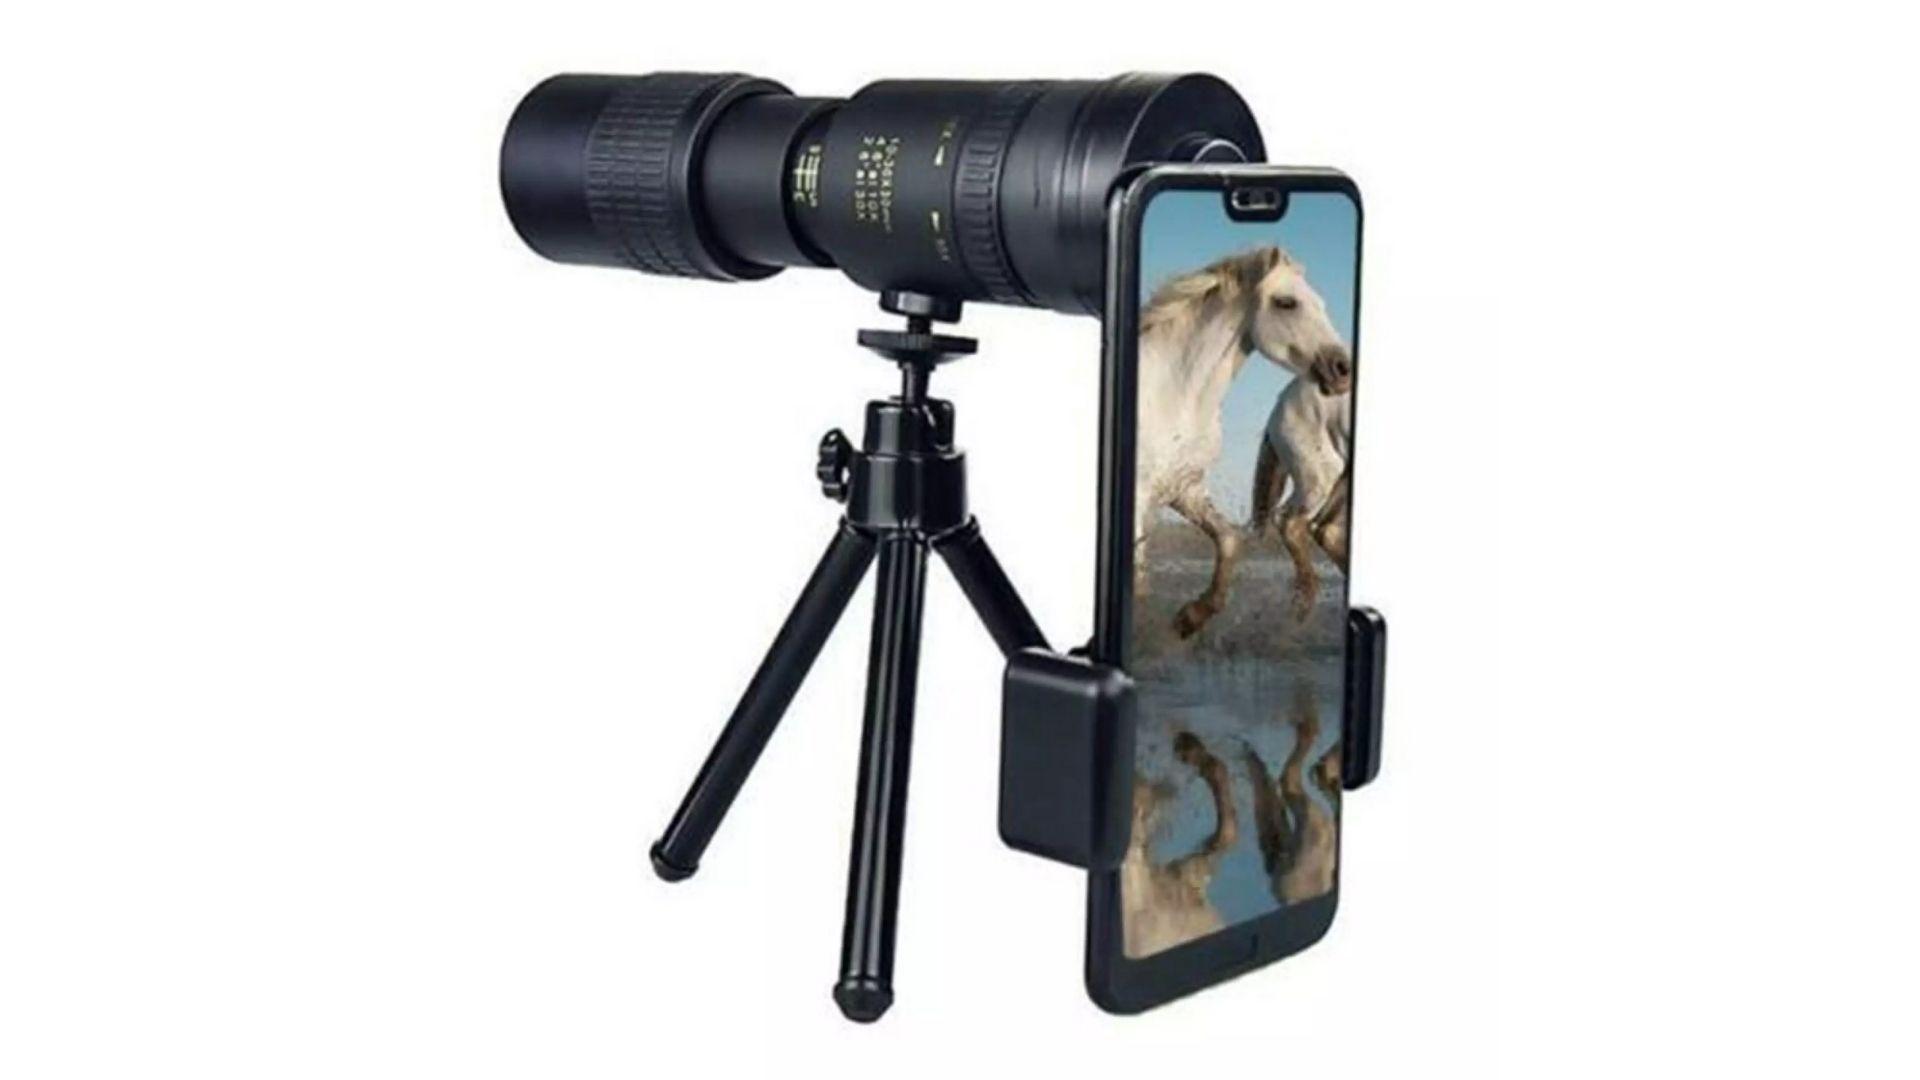 Tripé para celular com telescópio permite acoplar uma lente ao smartphone (Foto: Divulgação)